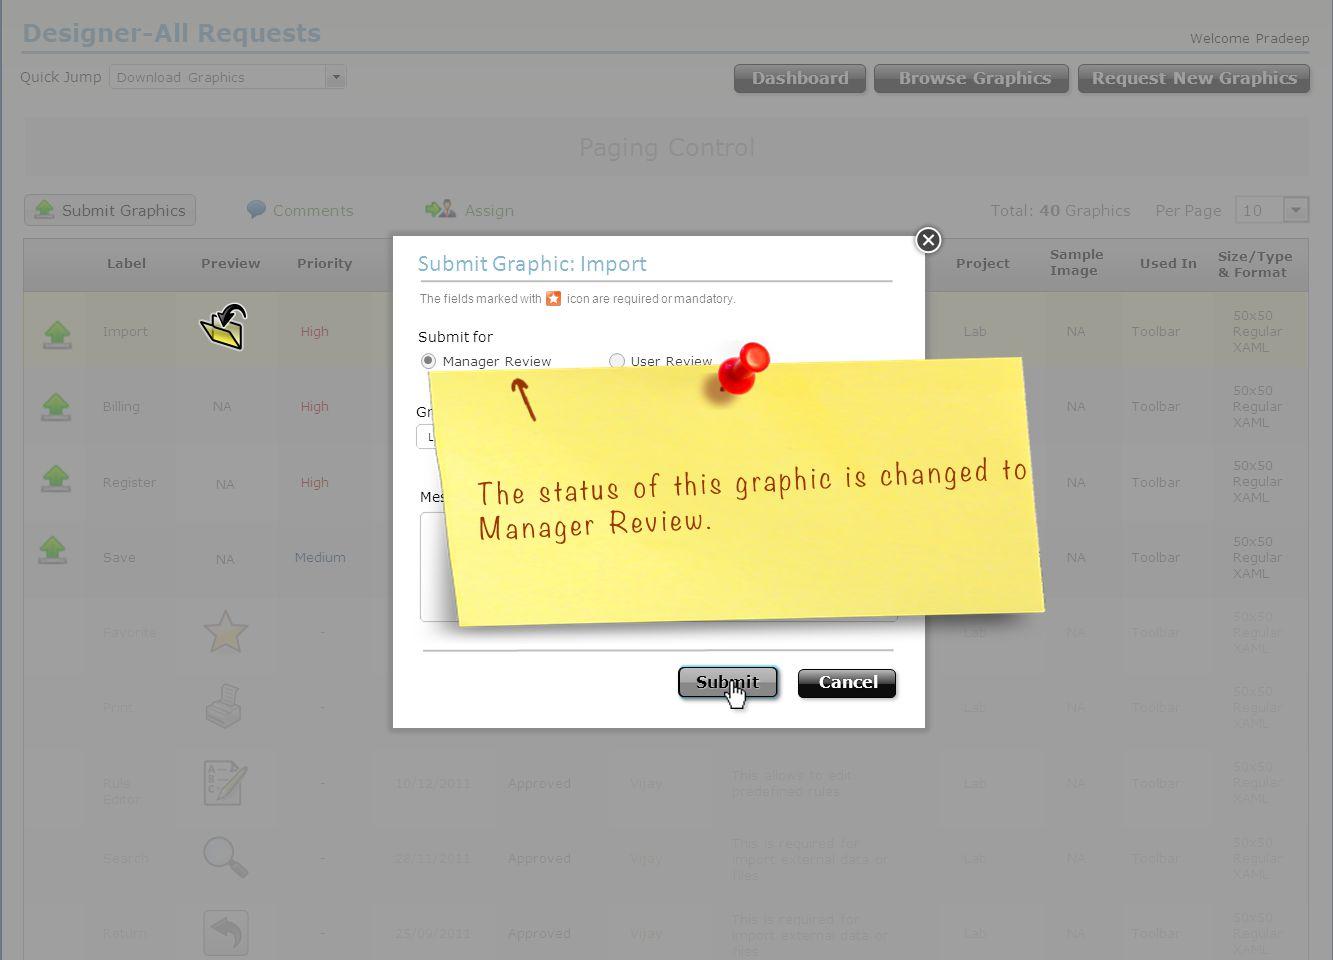 Designer-All Requests Contact Allscripts Research & Design Team Copyright © 2012 Allscripts.